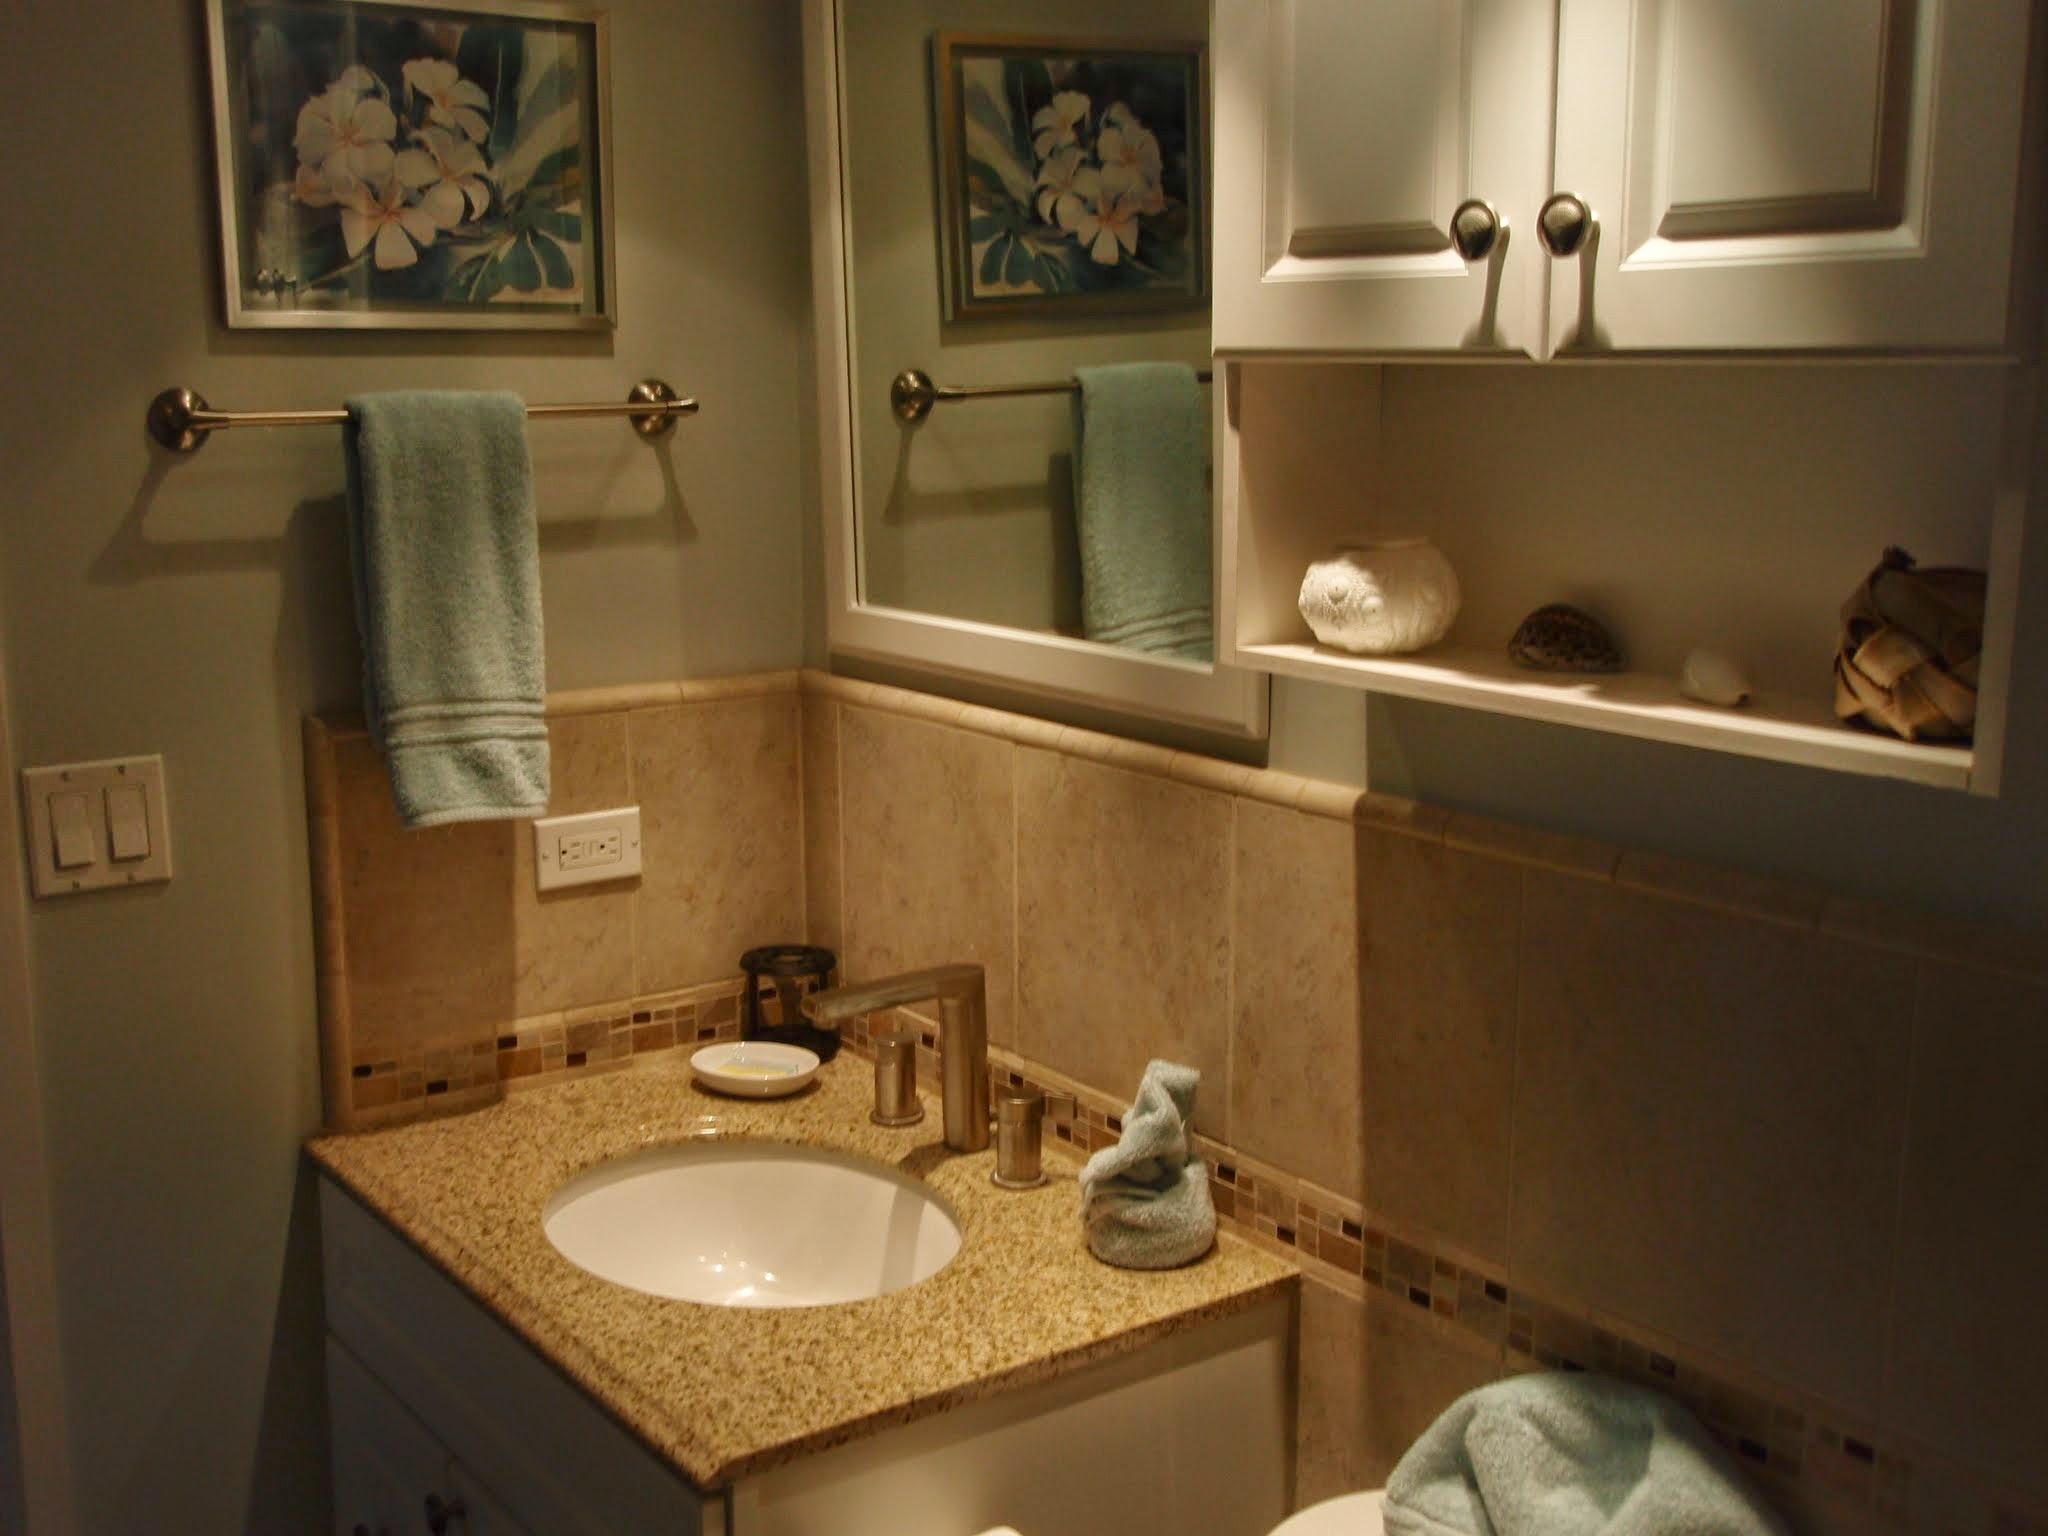 New vanity, sink, faucet & top with tile splash etc